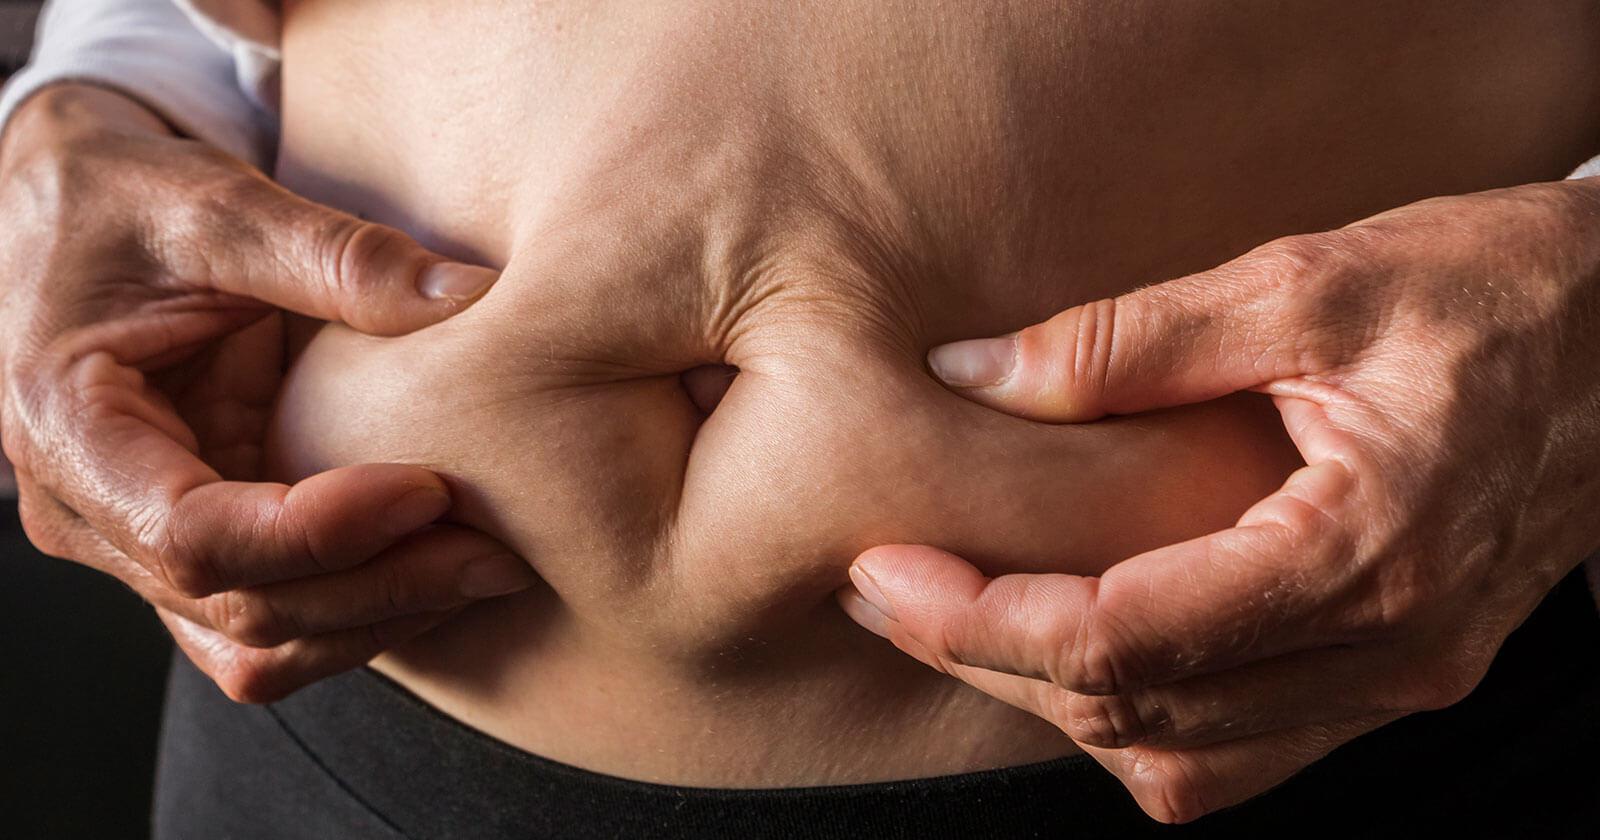 Brzuch tarczycowy: Jak wygląda i jak się go pozbyć?